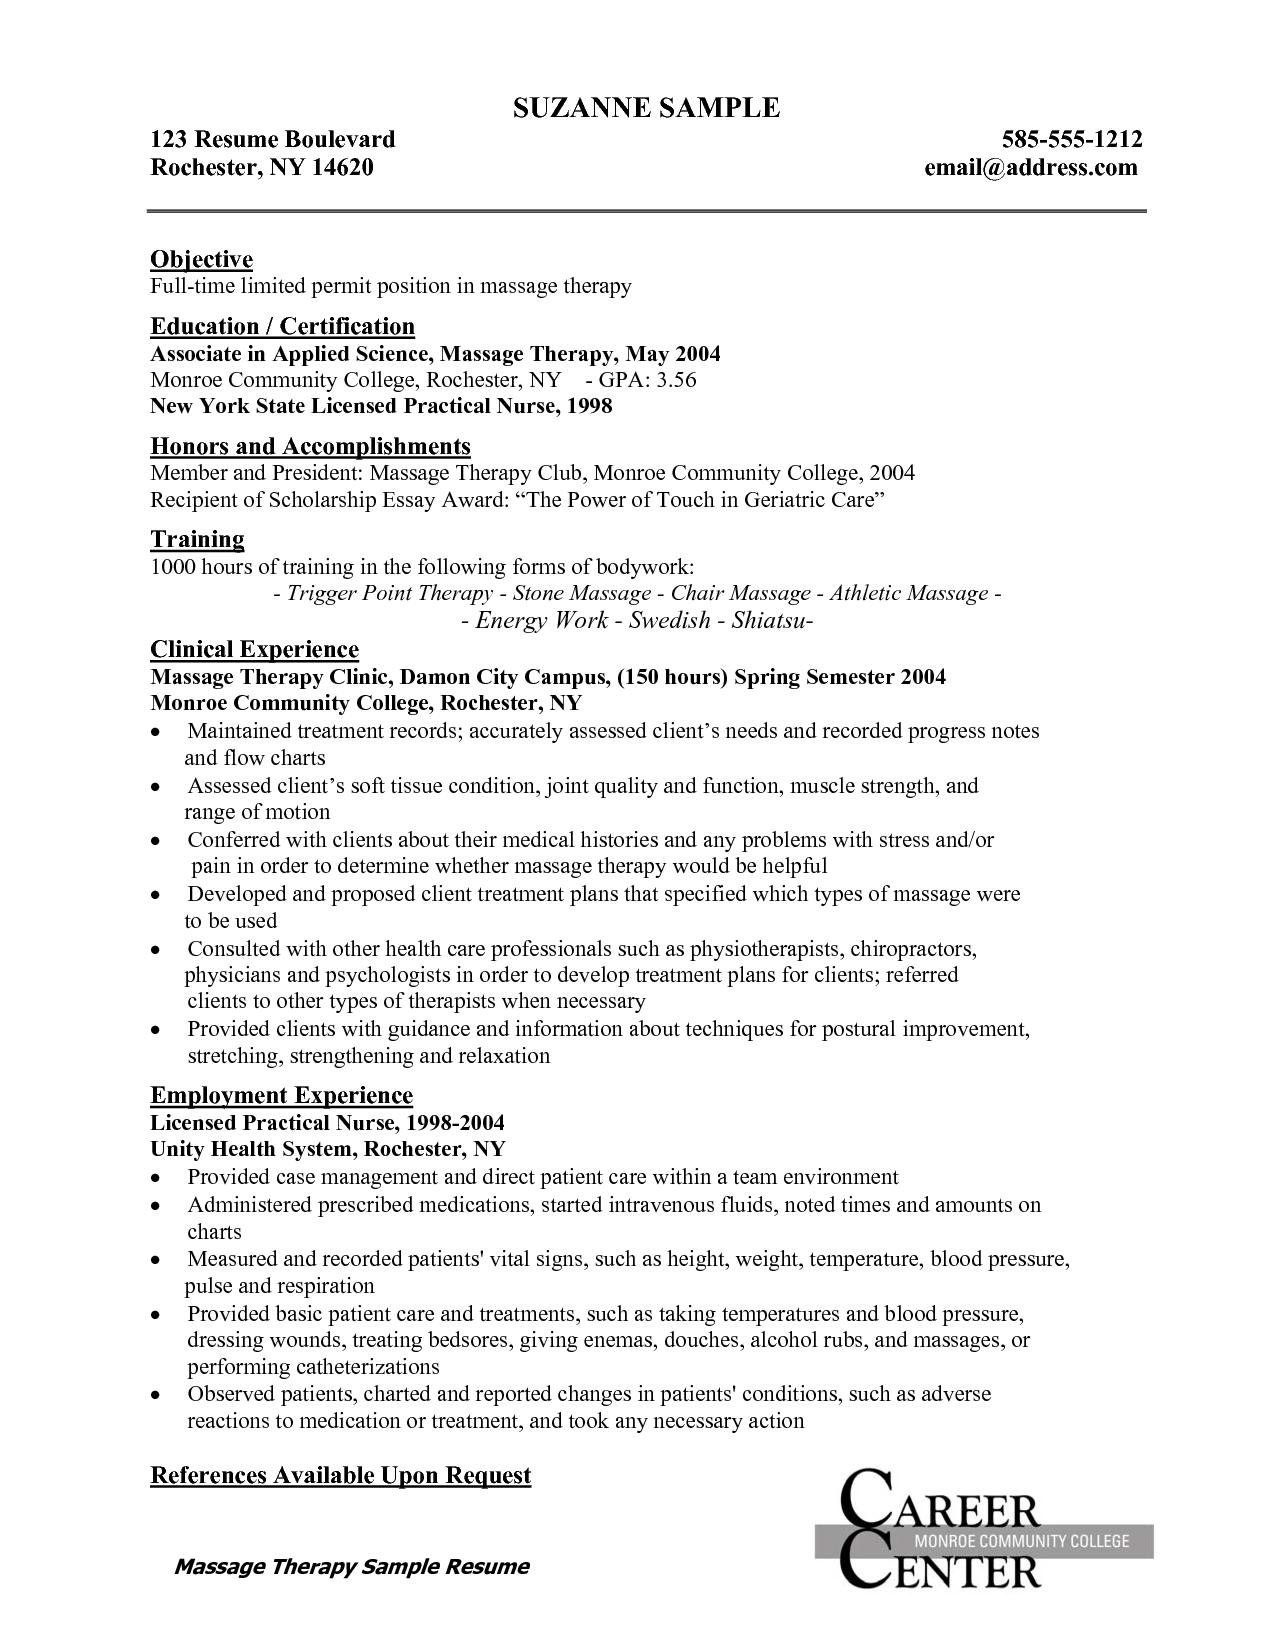 Licensed Practical Nurse Resume http//www.resumecareer